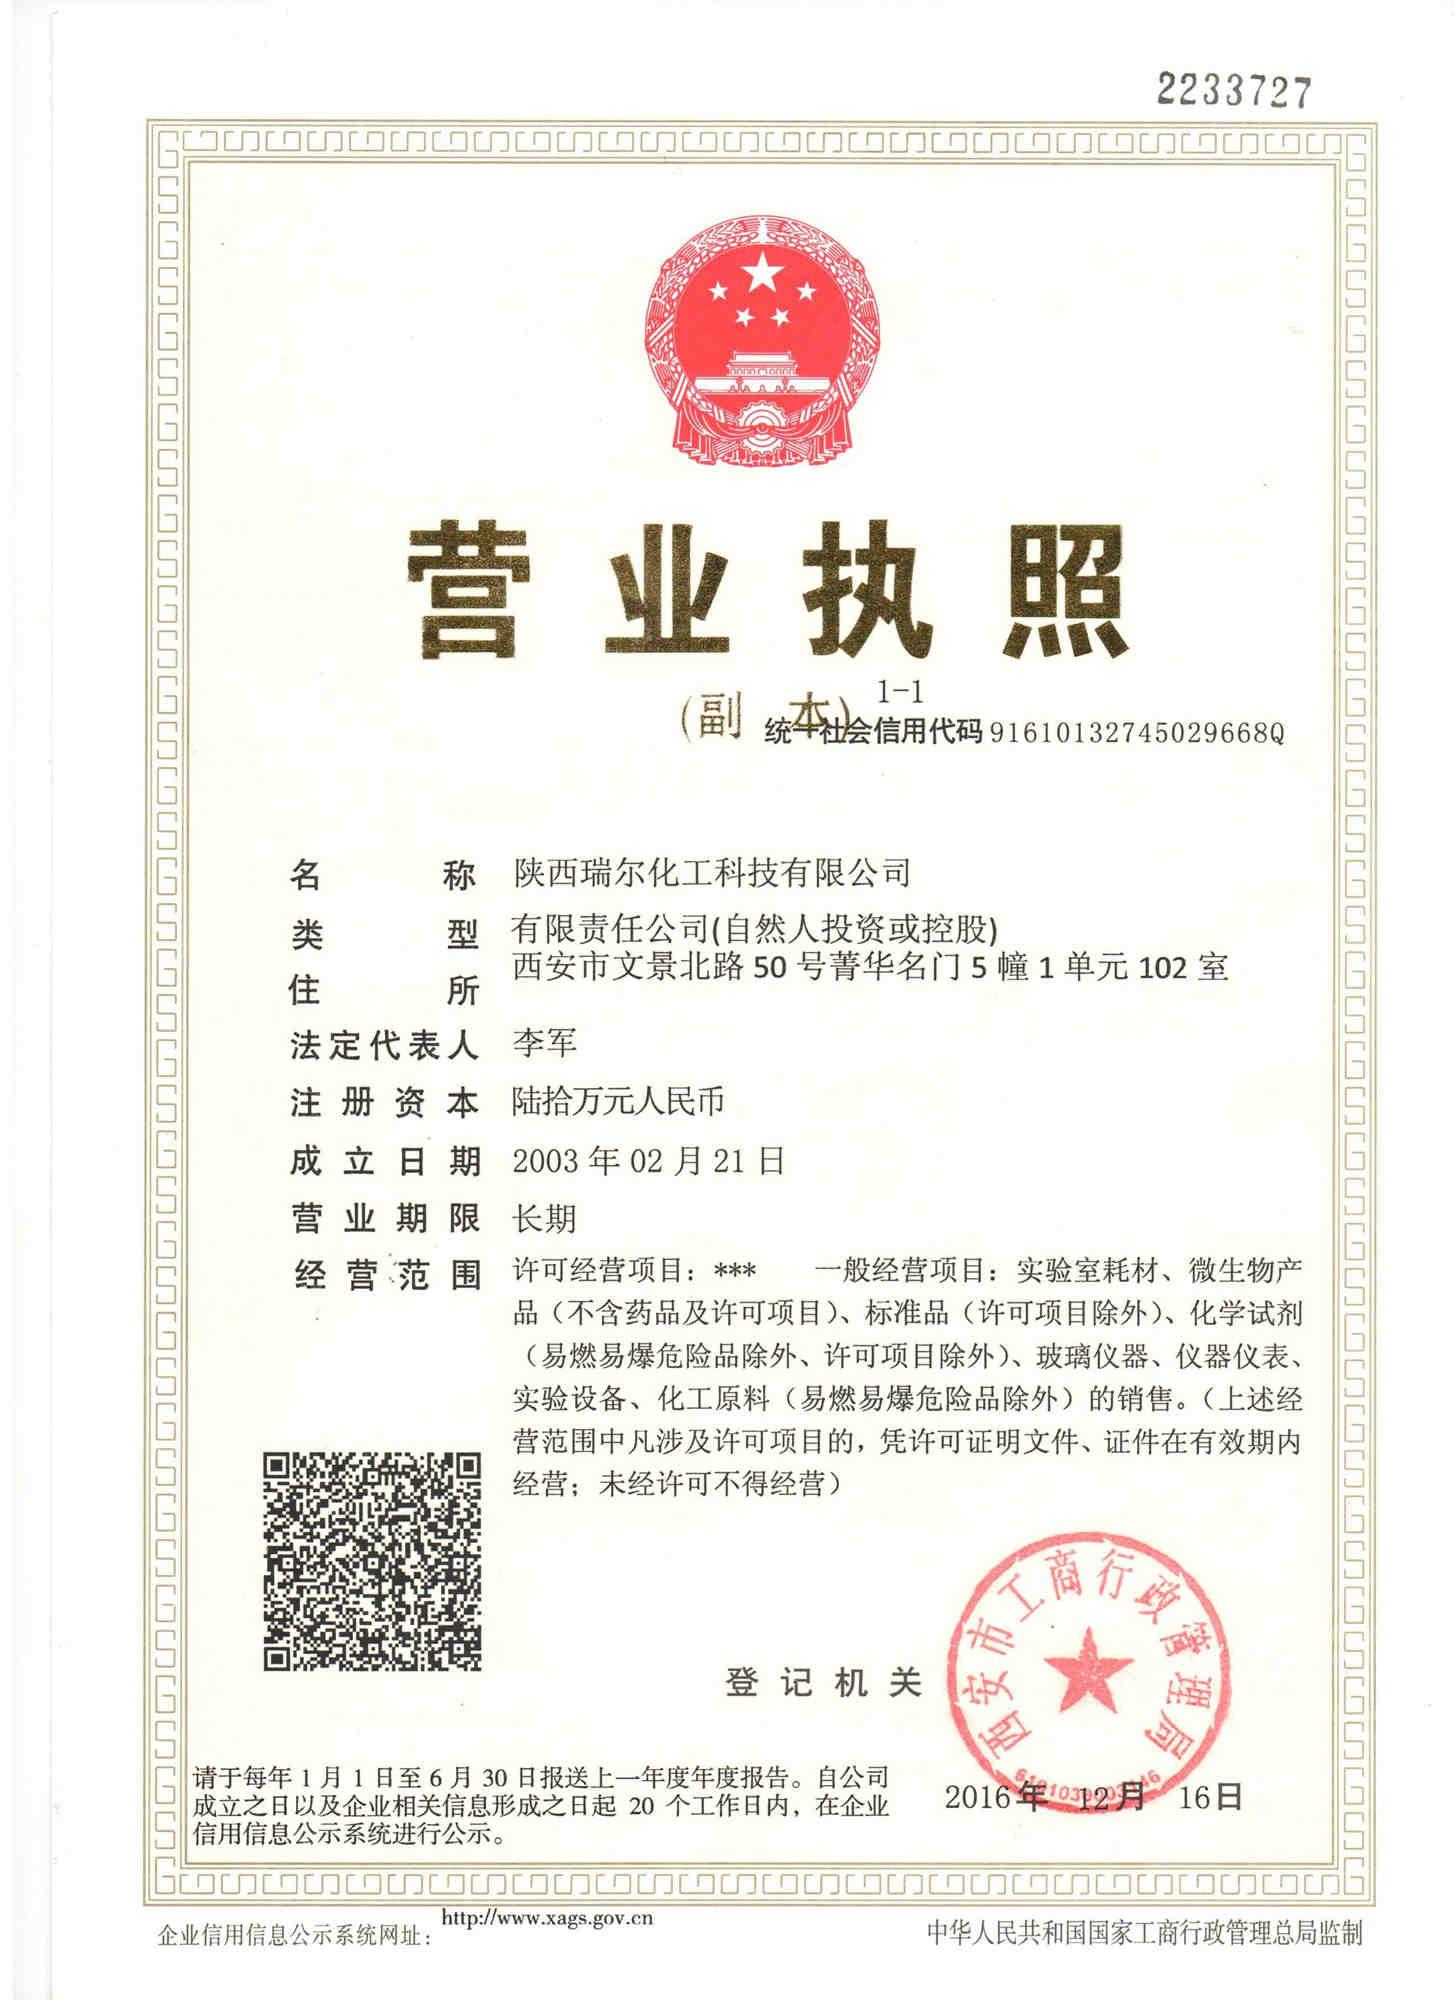 瑞尔化工营业执照